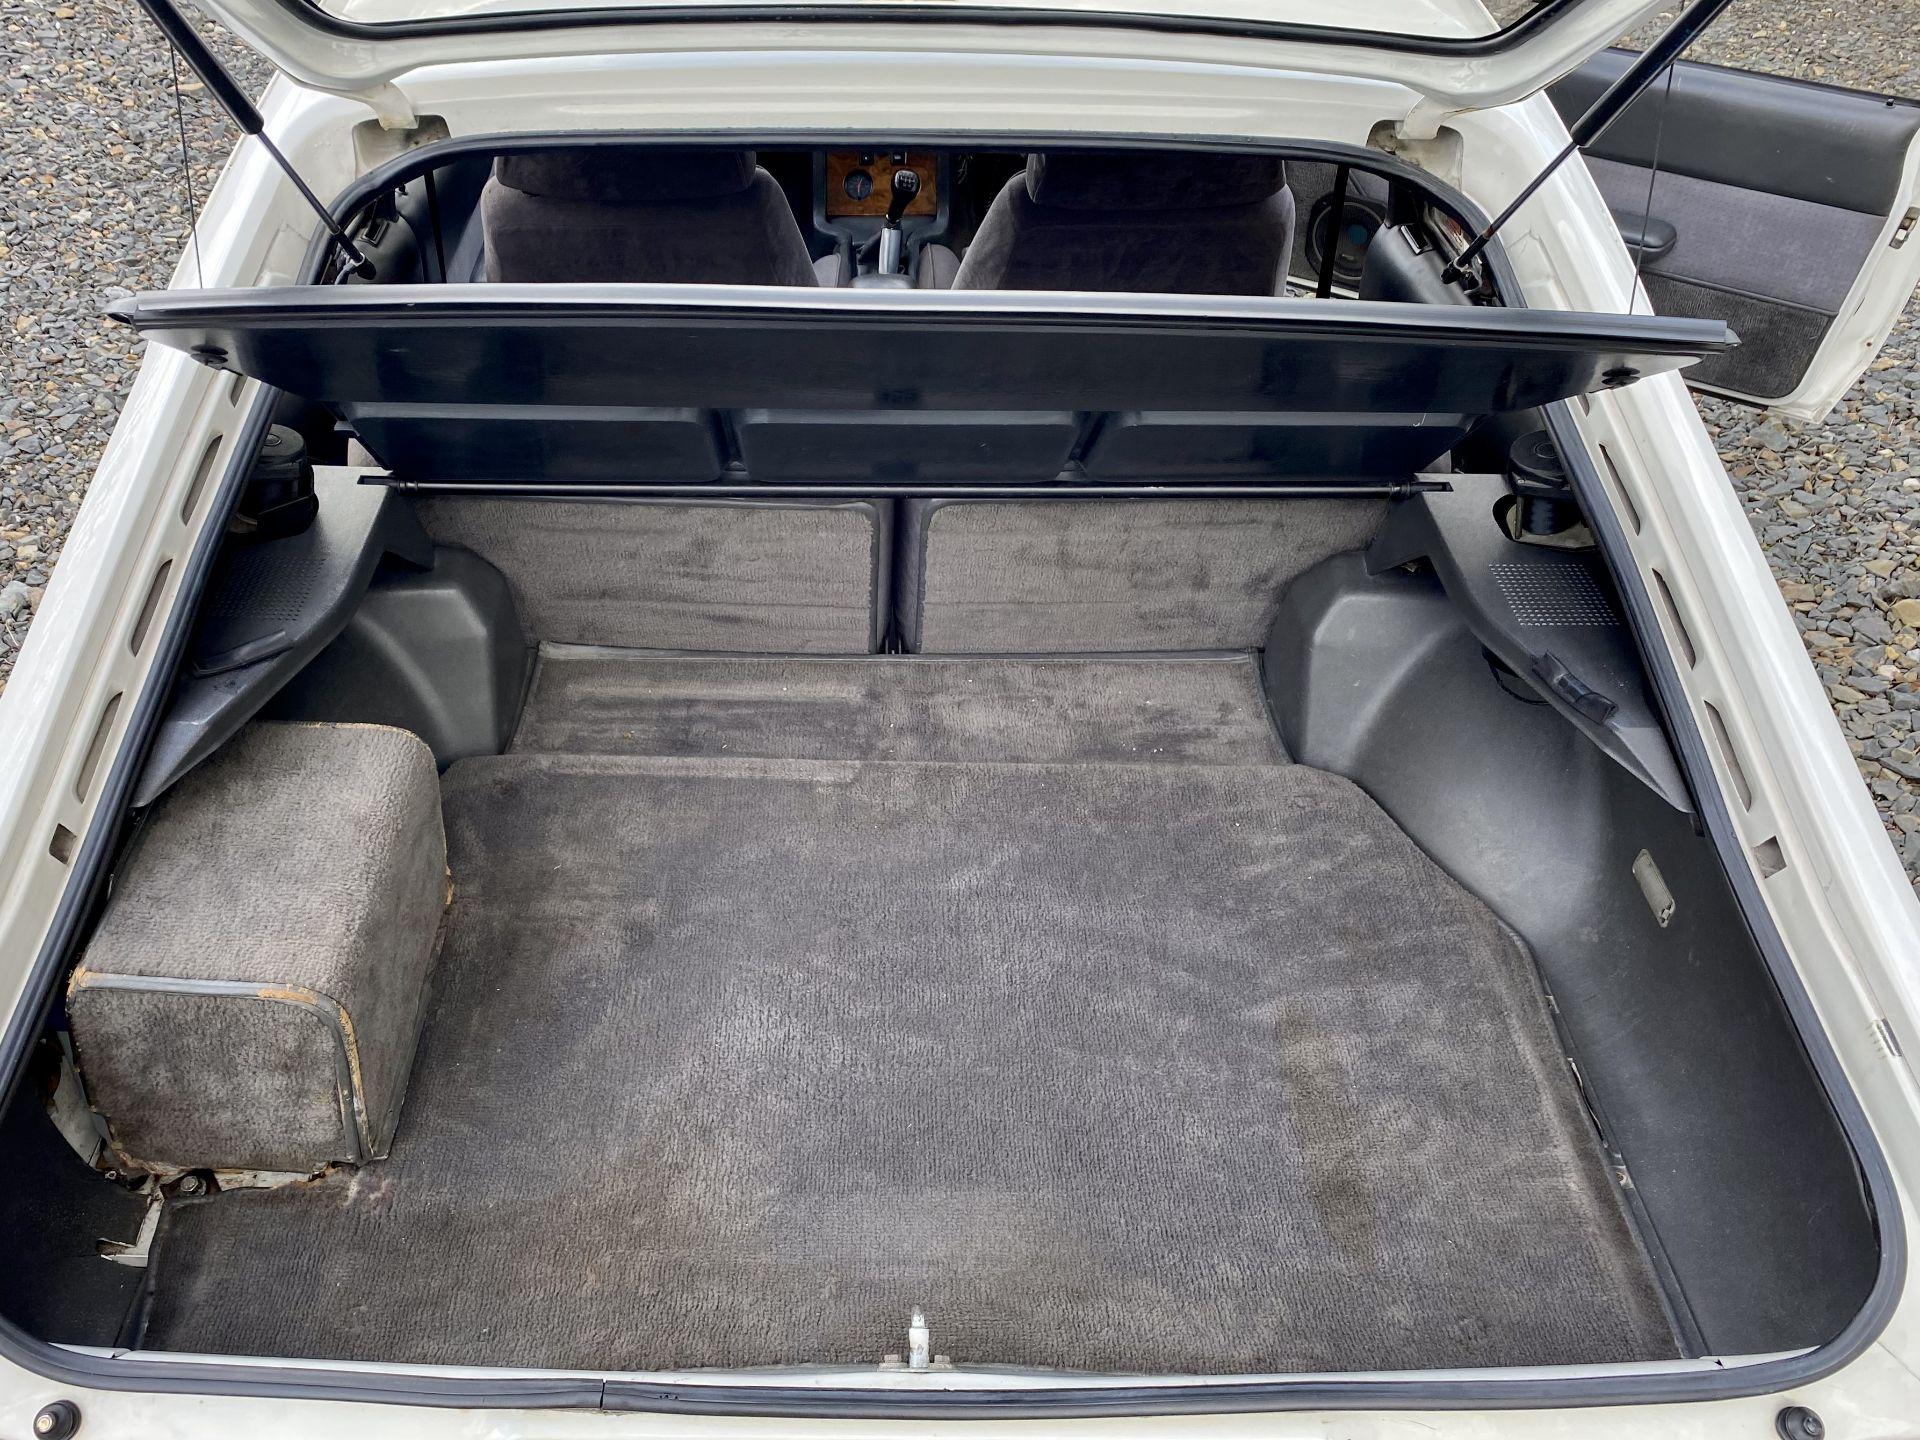 Ford Capri Tickford Turbo - Image 54 of 62